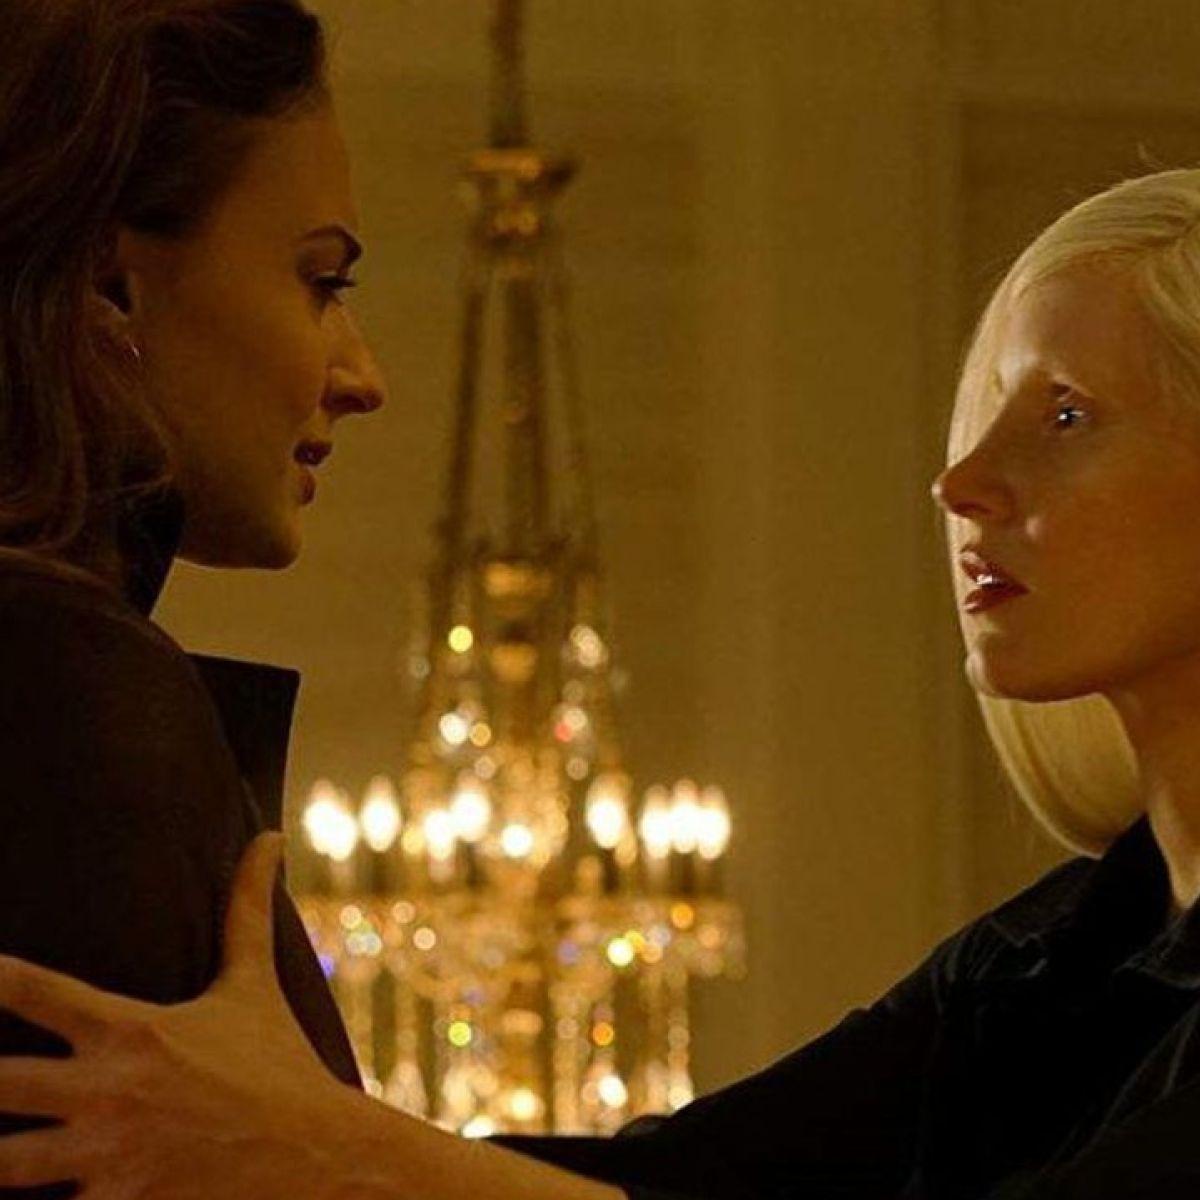 X-Men: Dark Phoenix: The plot feels like it was scribbled on a menu